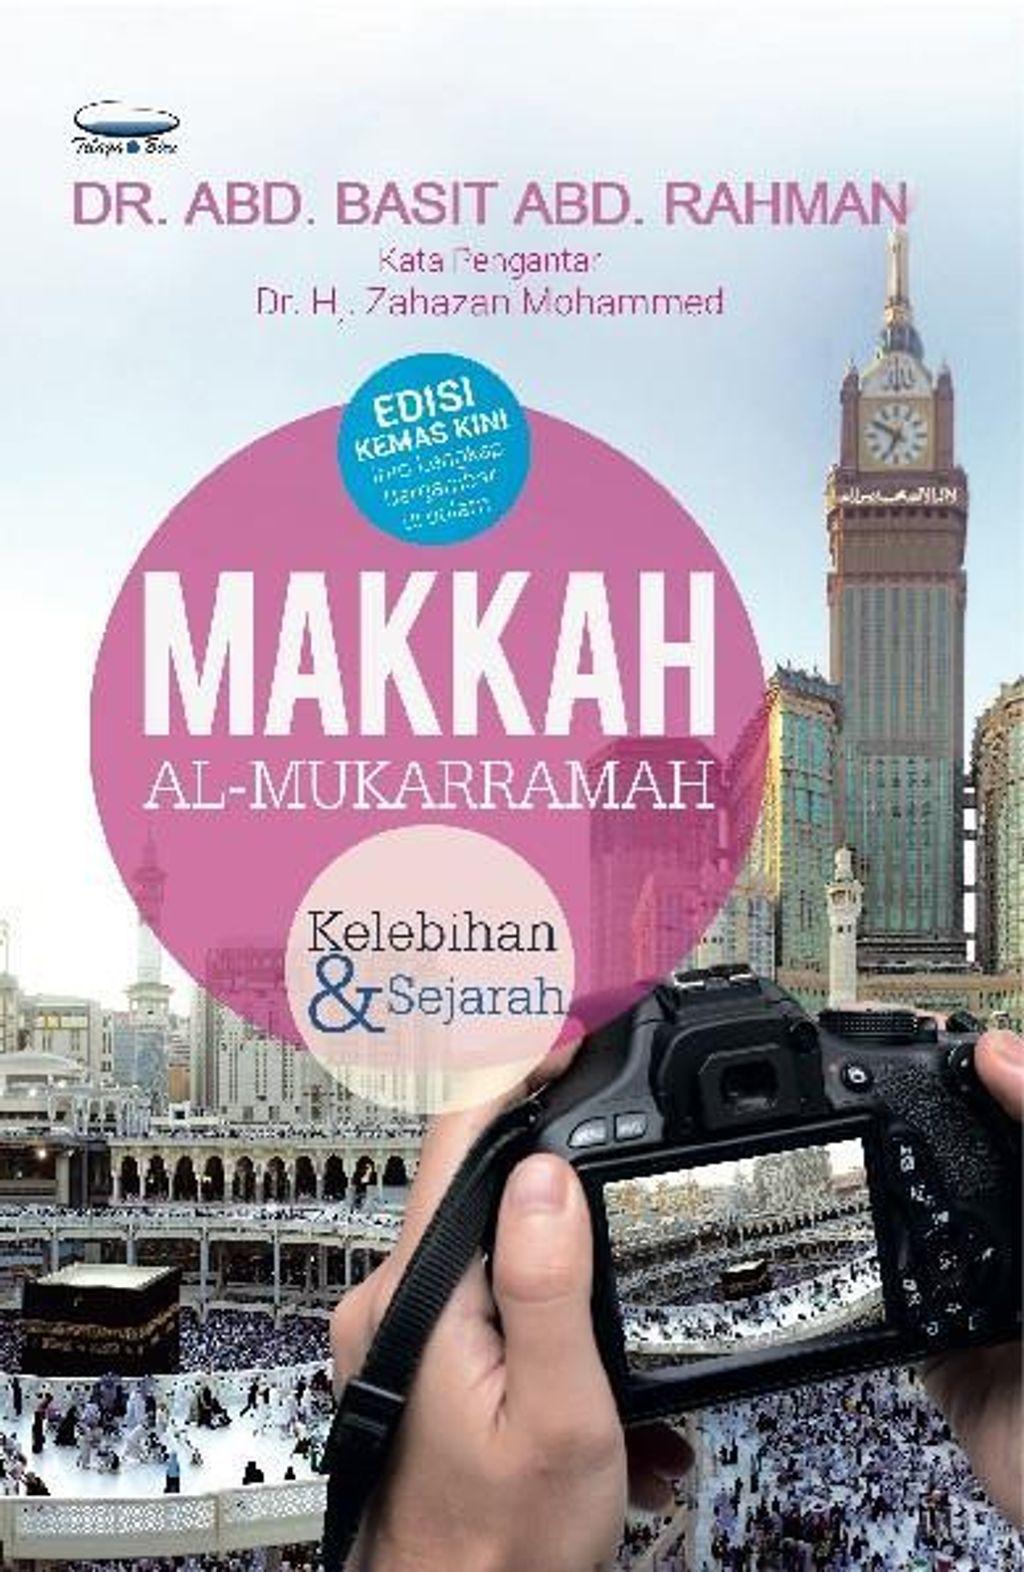 makkah_almukarramah_kelebihan_sejarah.jpeg